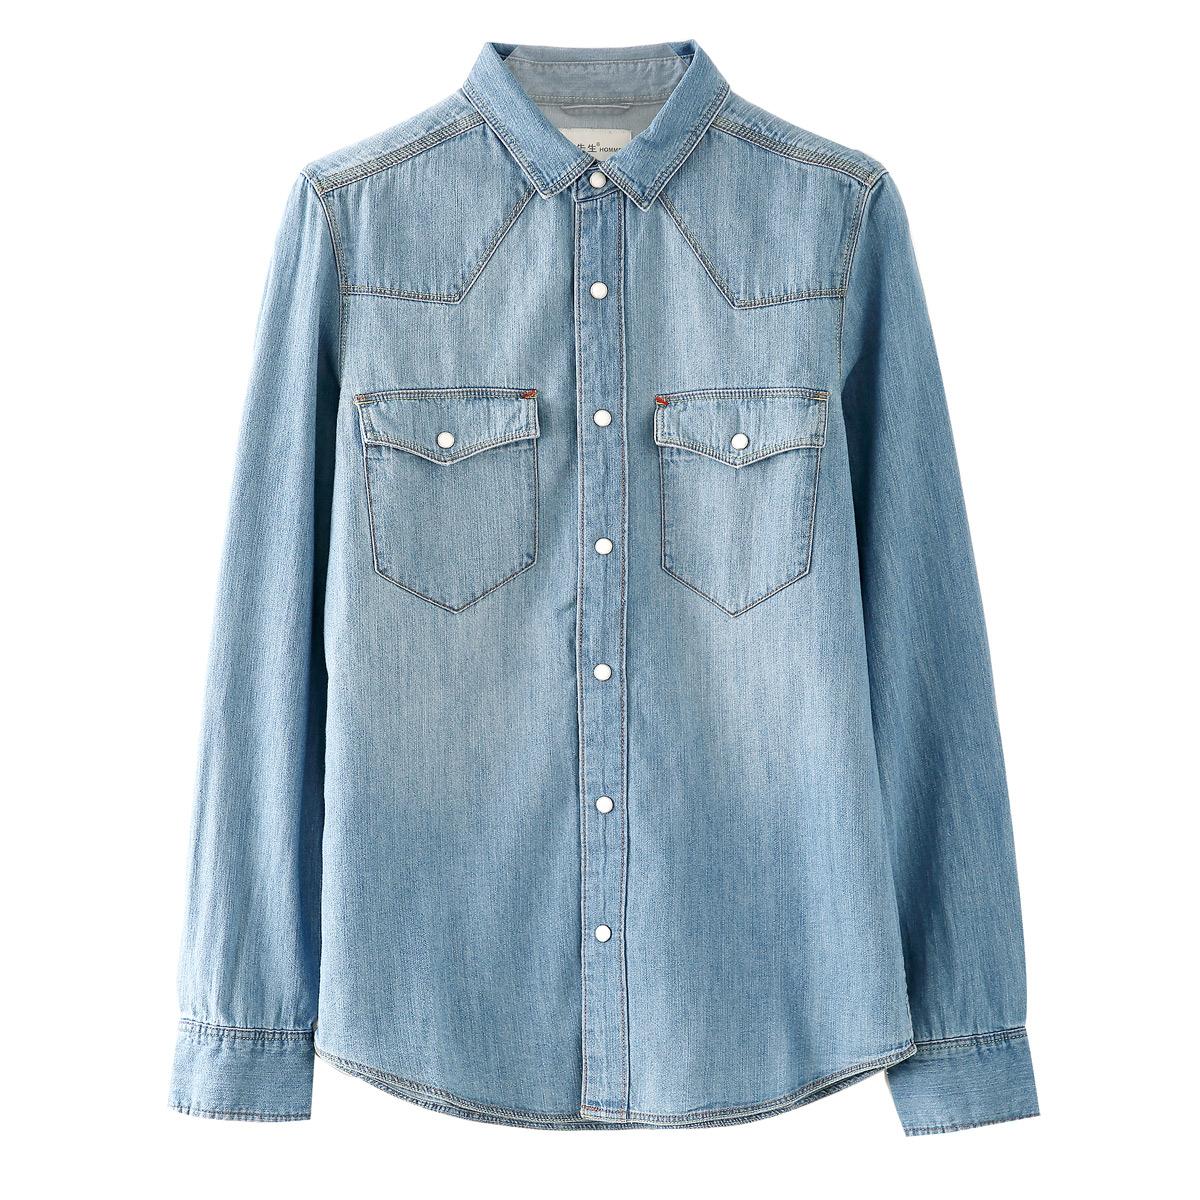 棉先生牛仔衬衫男 秋季男士牛仔衬衣长袖外套休闲修身寸衫男